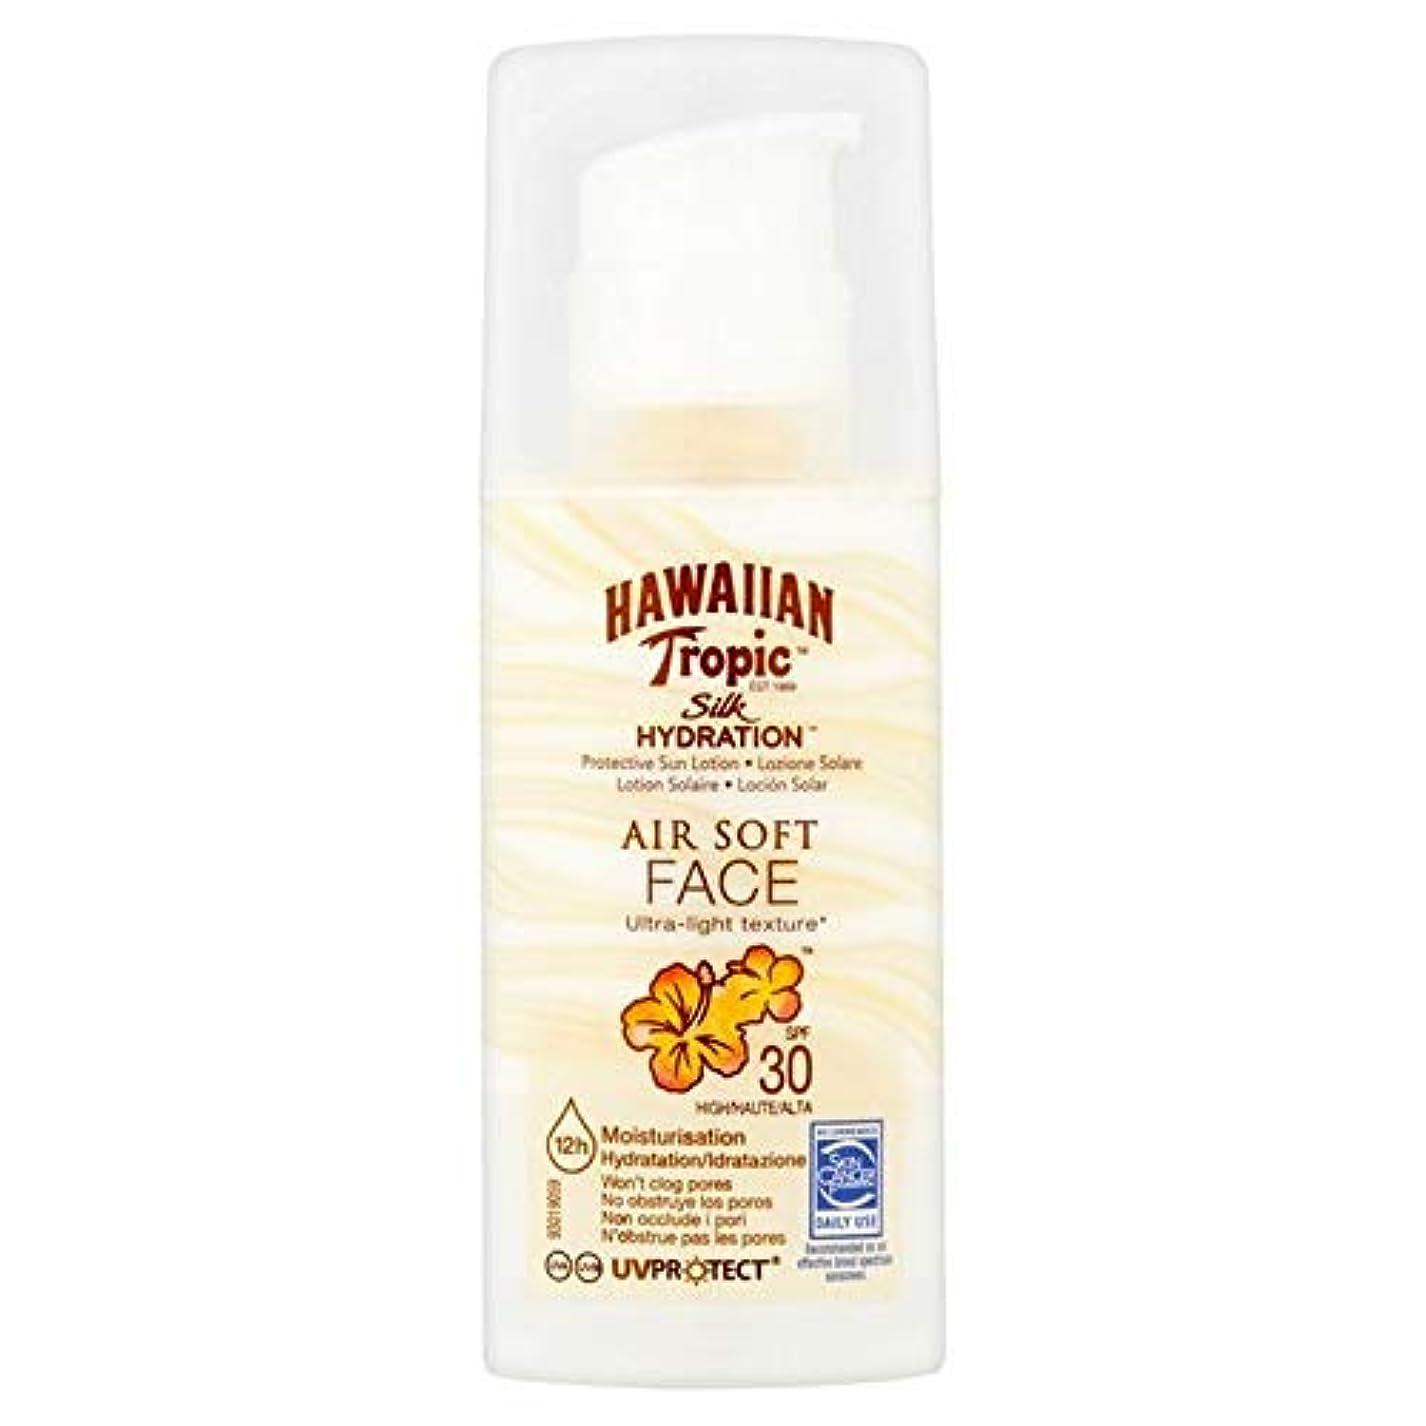 裁判所勝利したピクニック[Hawaiian Tropic ] 南国ハワイの空気柔らかい顔の日焼け防止ローションSpf 30 50ミリリットル - Hawaiian Tropic Air Soft Face Sun Protection Lotion...